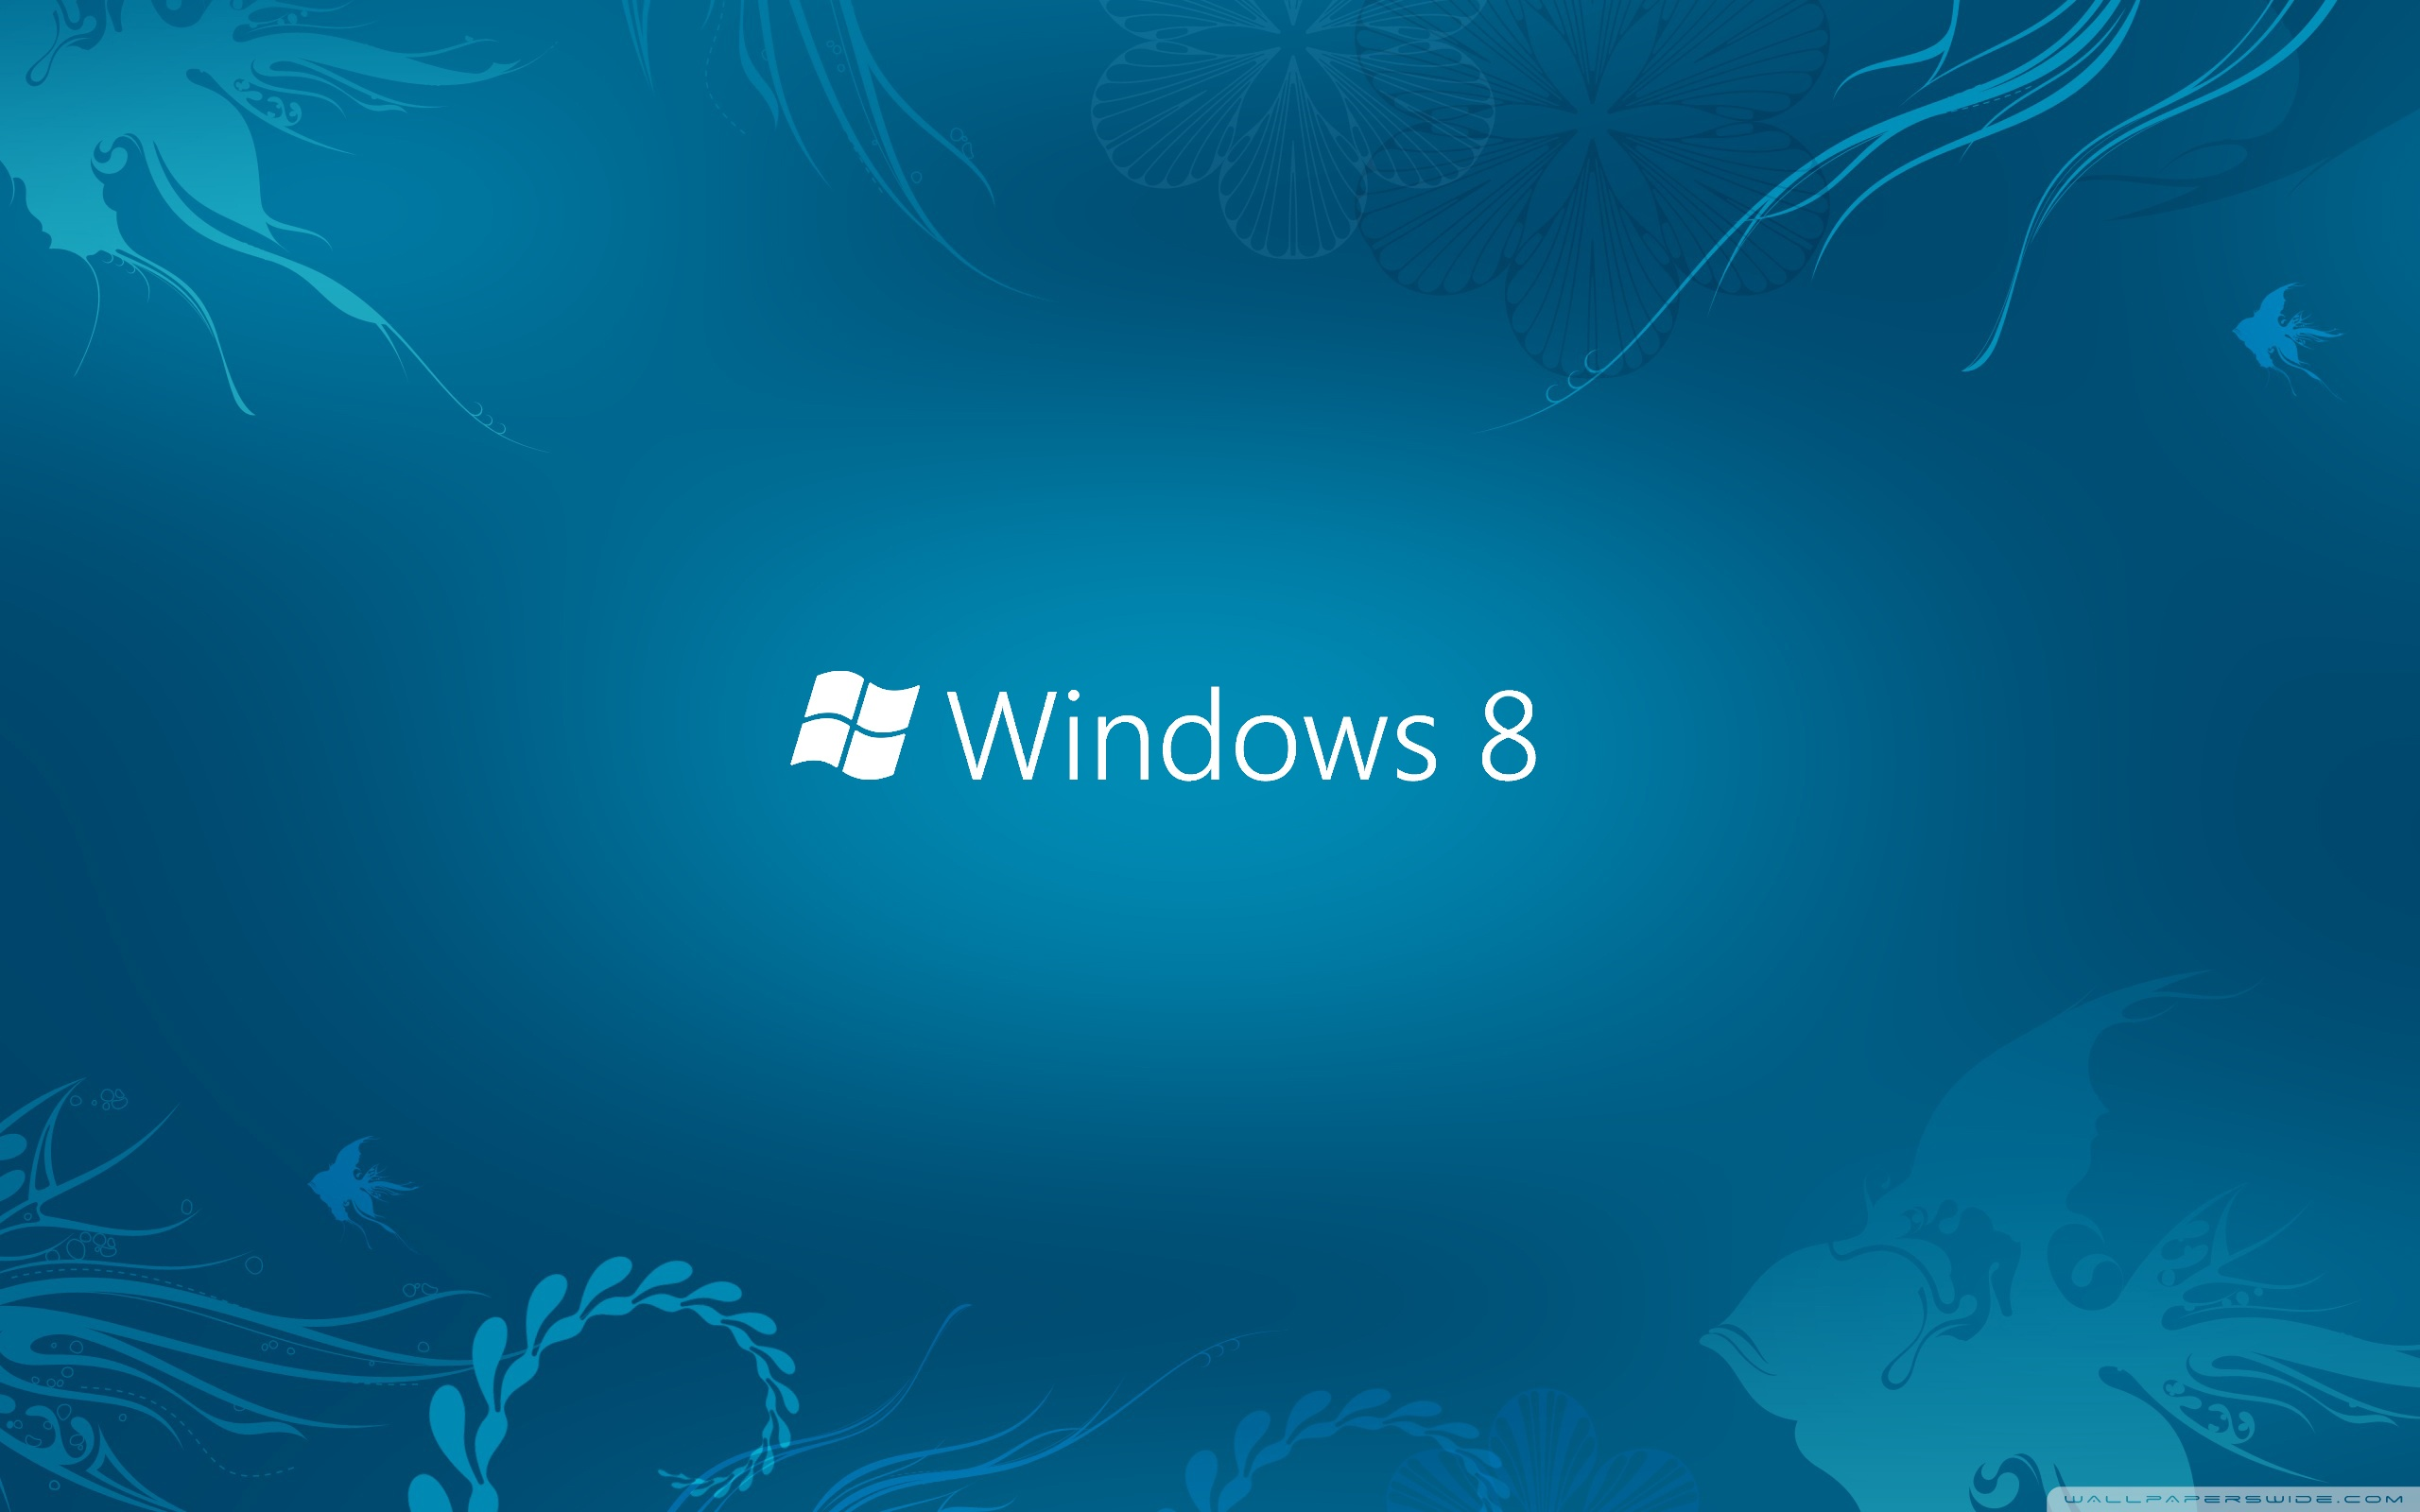 Windows 8 Blue 4K HD Desktop Wallpaper for 4K Ultra HD TV 2560x1600